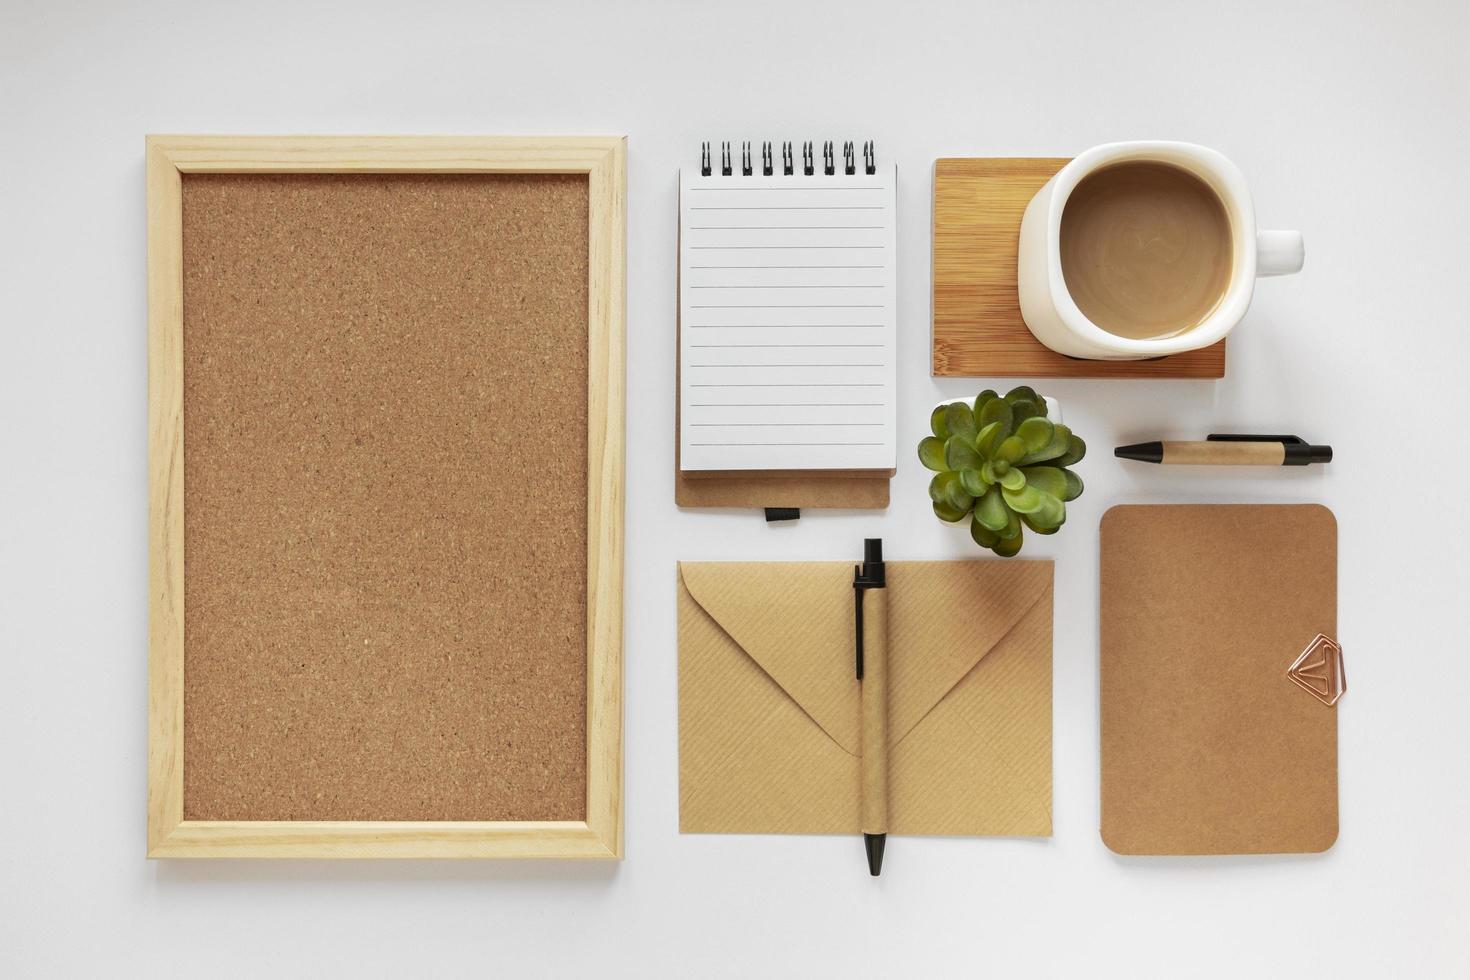 disposição plana dos materiais da mesa foto